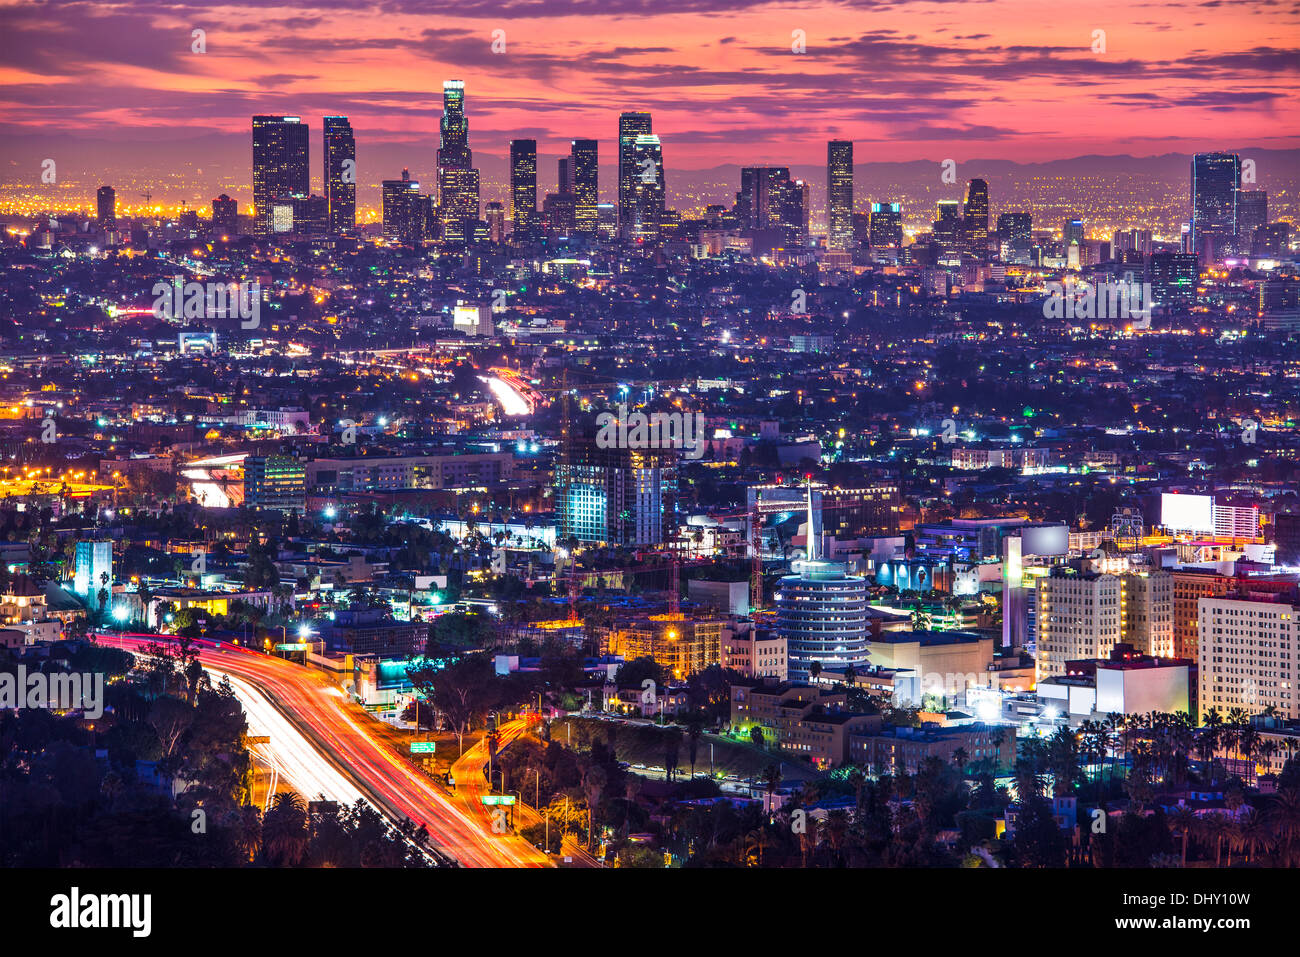 El centro de Los Angeles, California, usa el horizonte al amanecer. Imagen De Stock